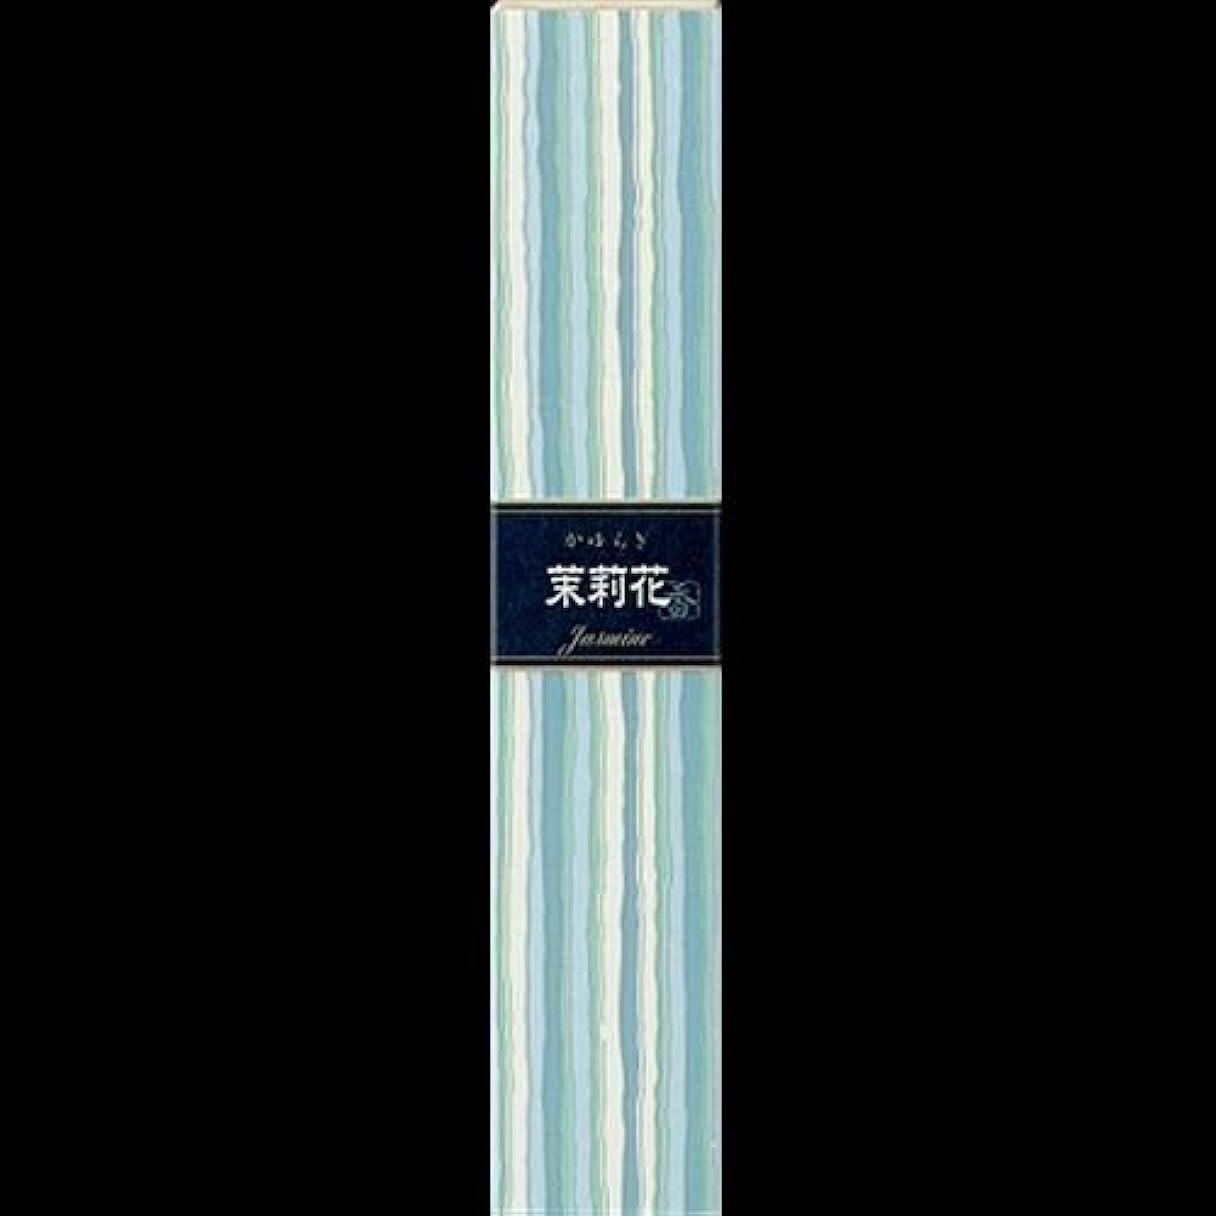 便利さ闇月曜【まとめ買い】かゆらぎ 茉莉花(まつりか) ×2セット